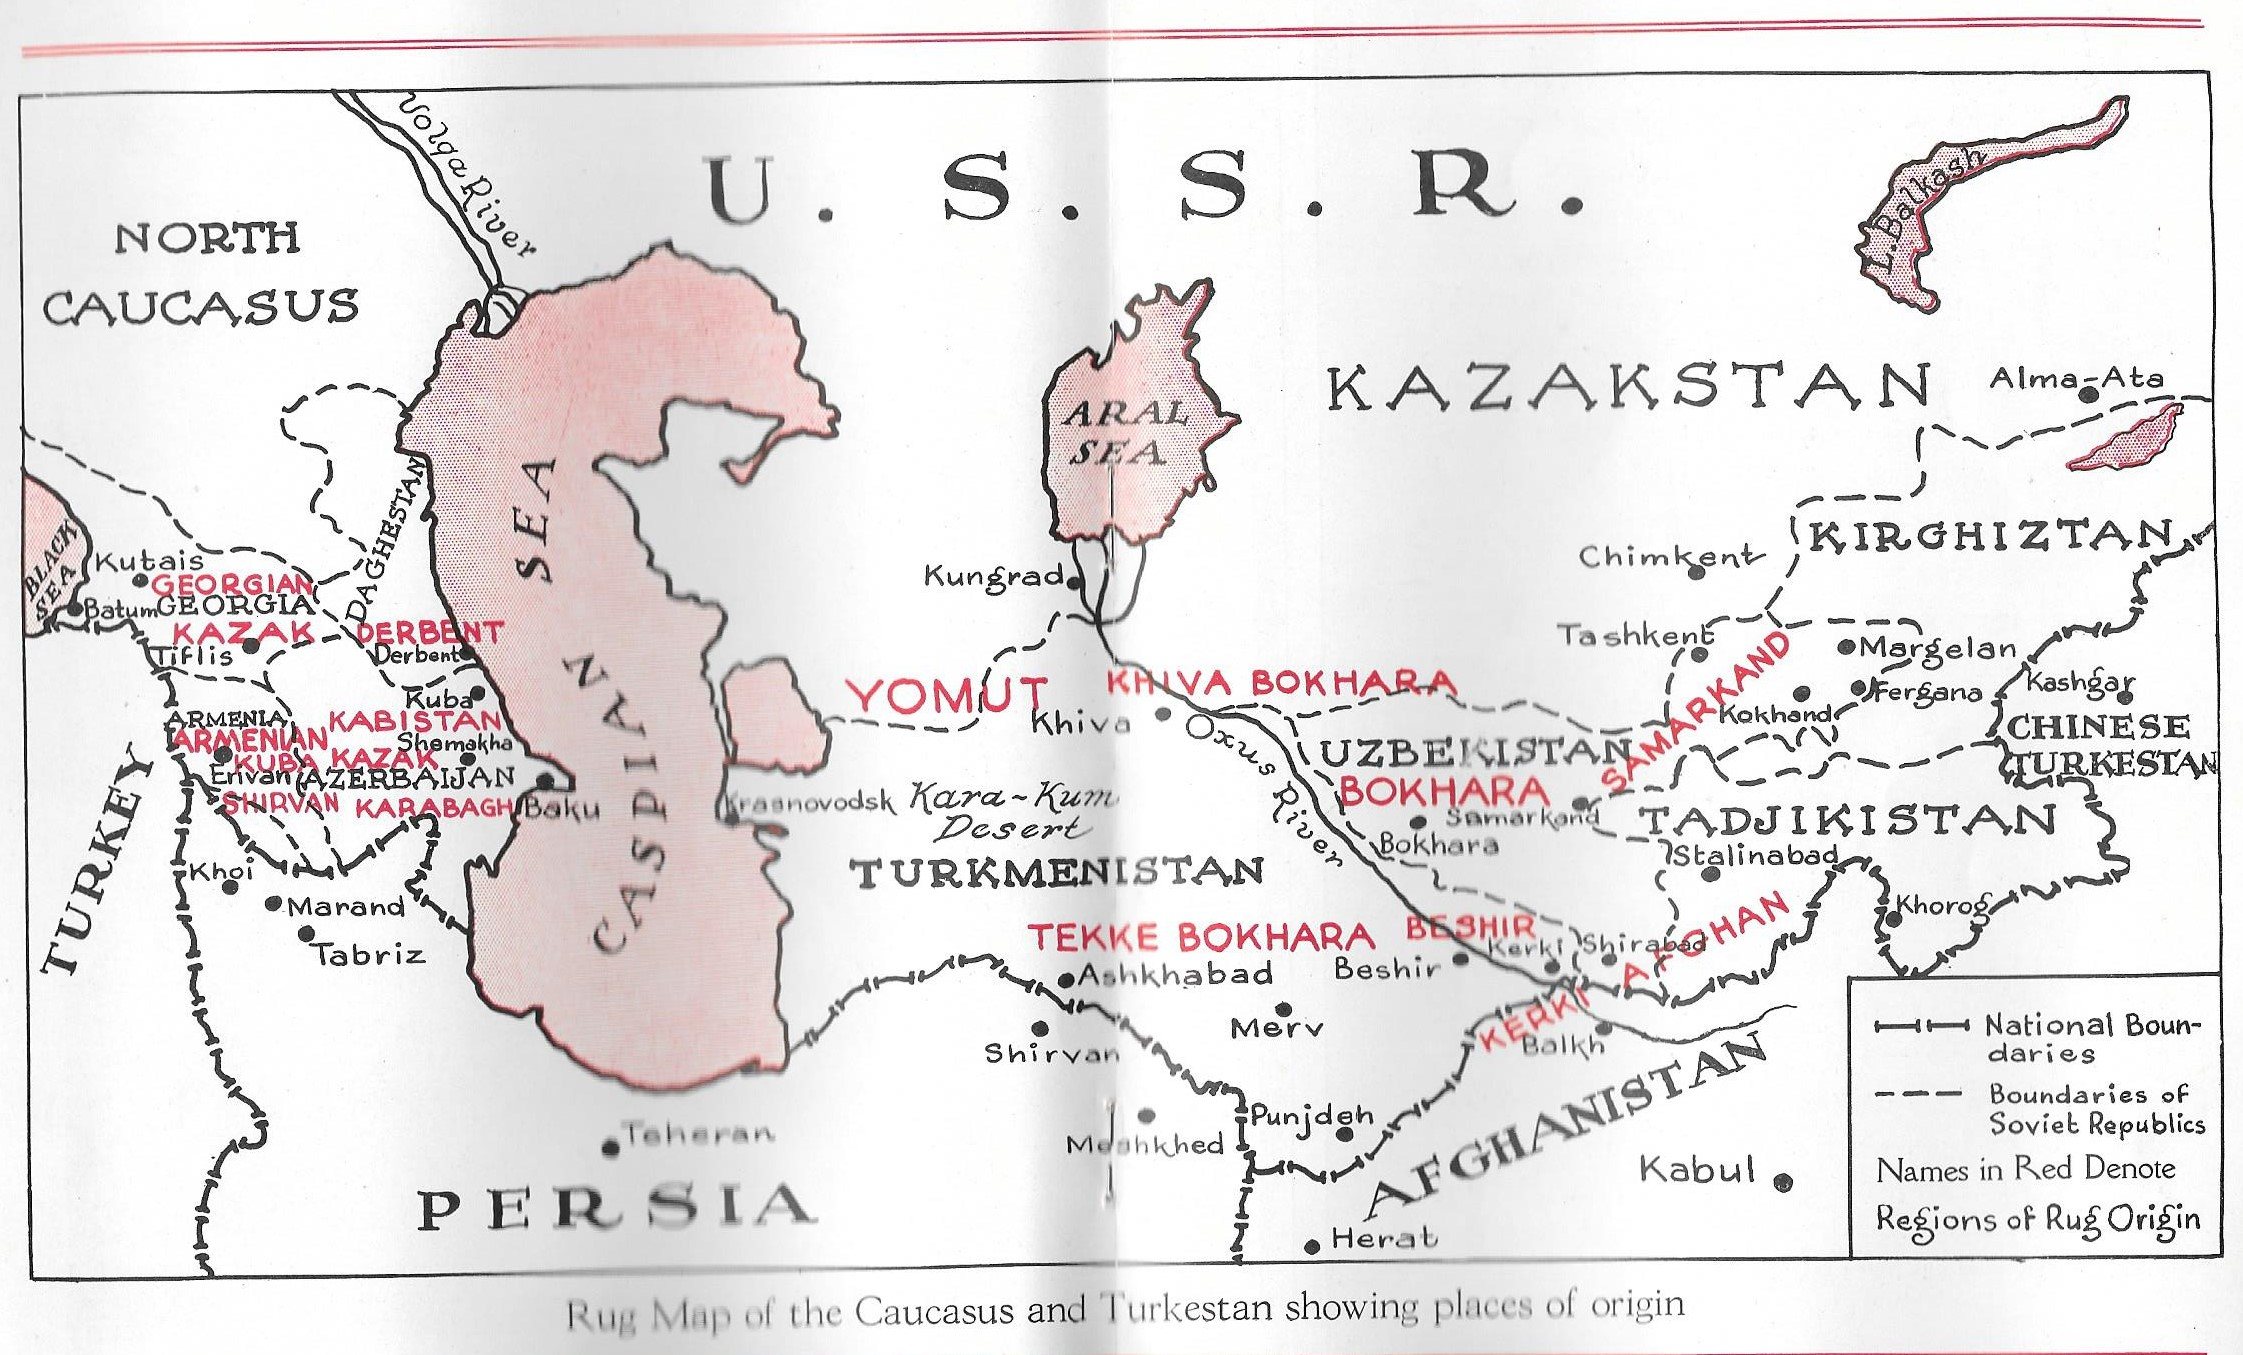 rug region map